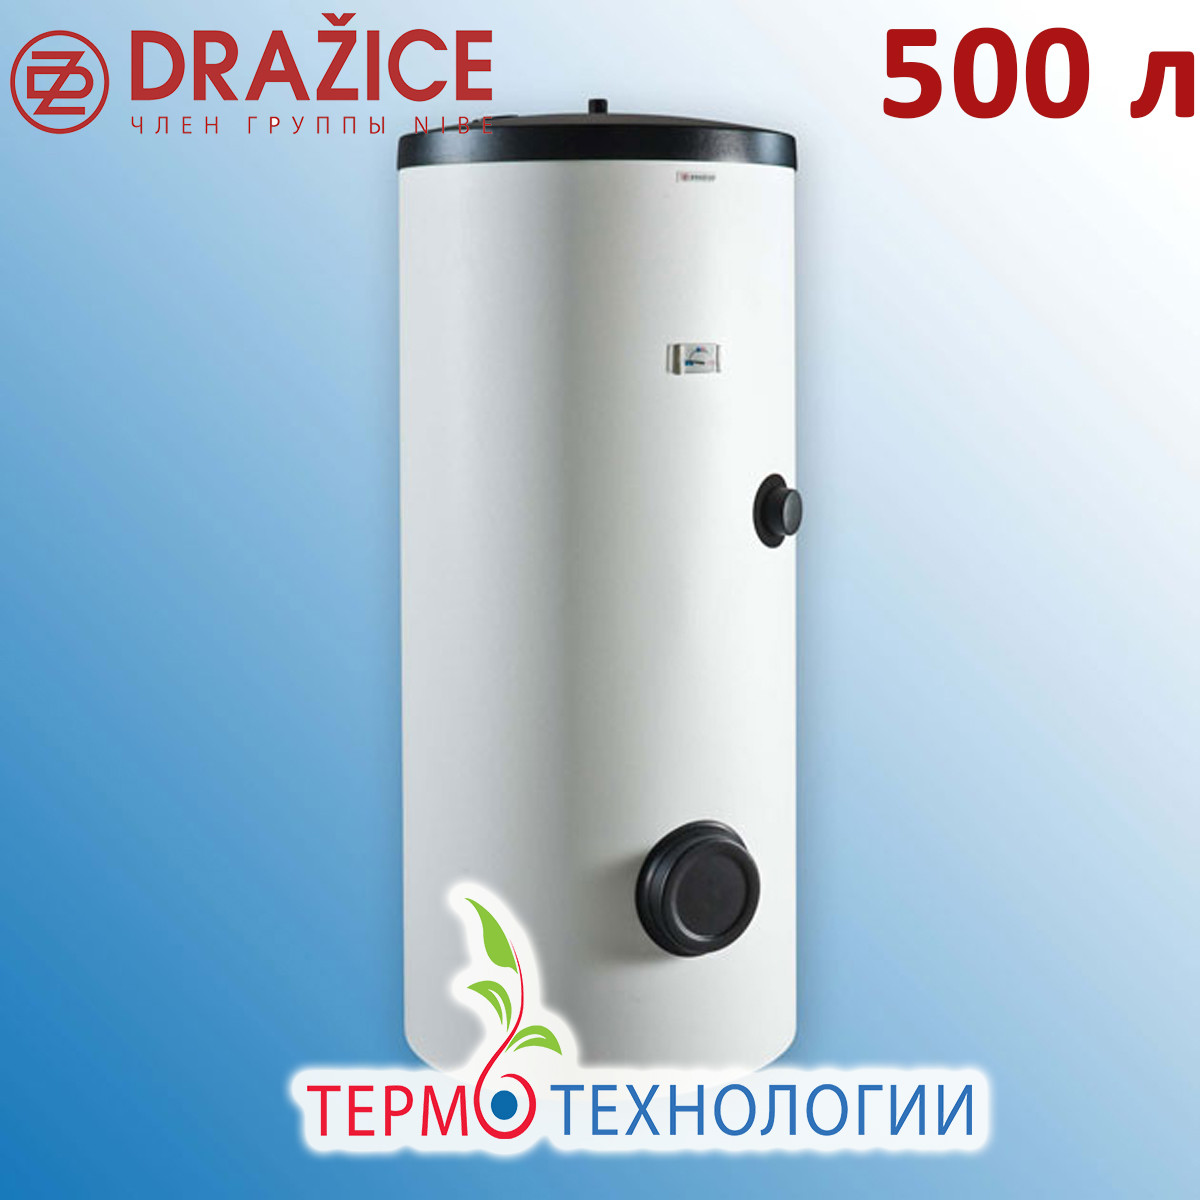 Водонагреватель для работы с тепловым насосом DRAZICE HP 500 л.